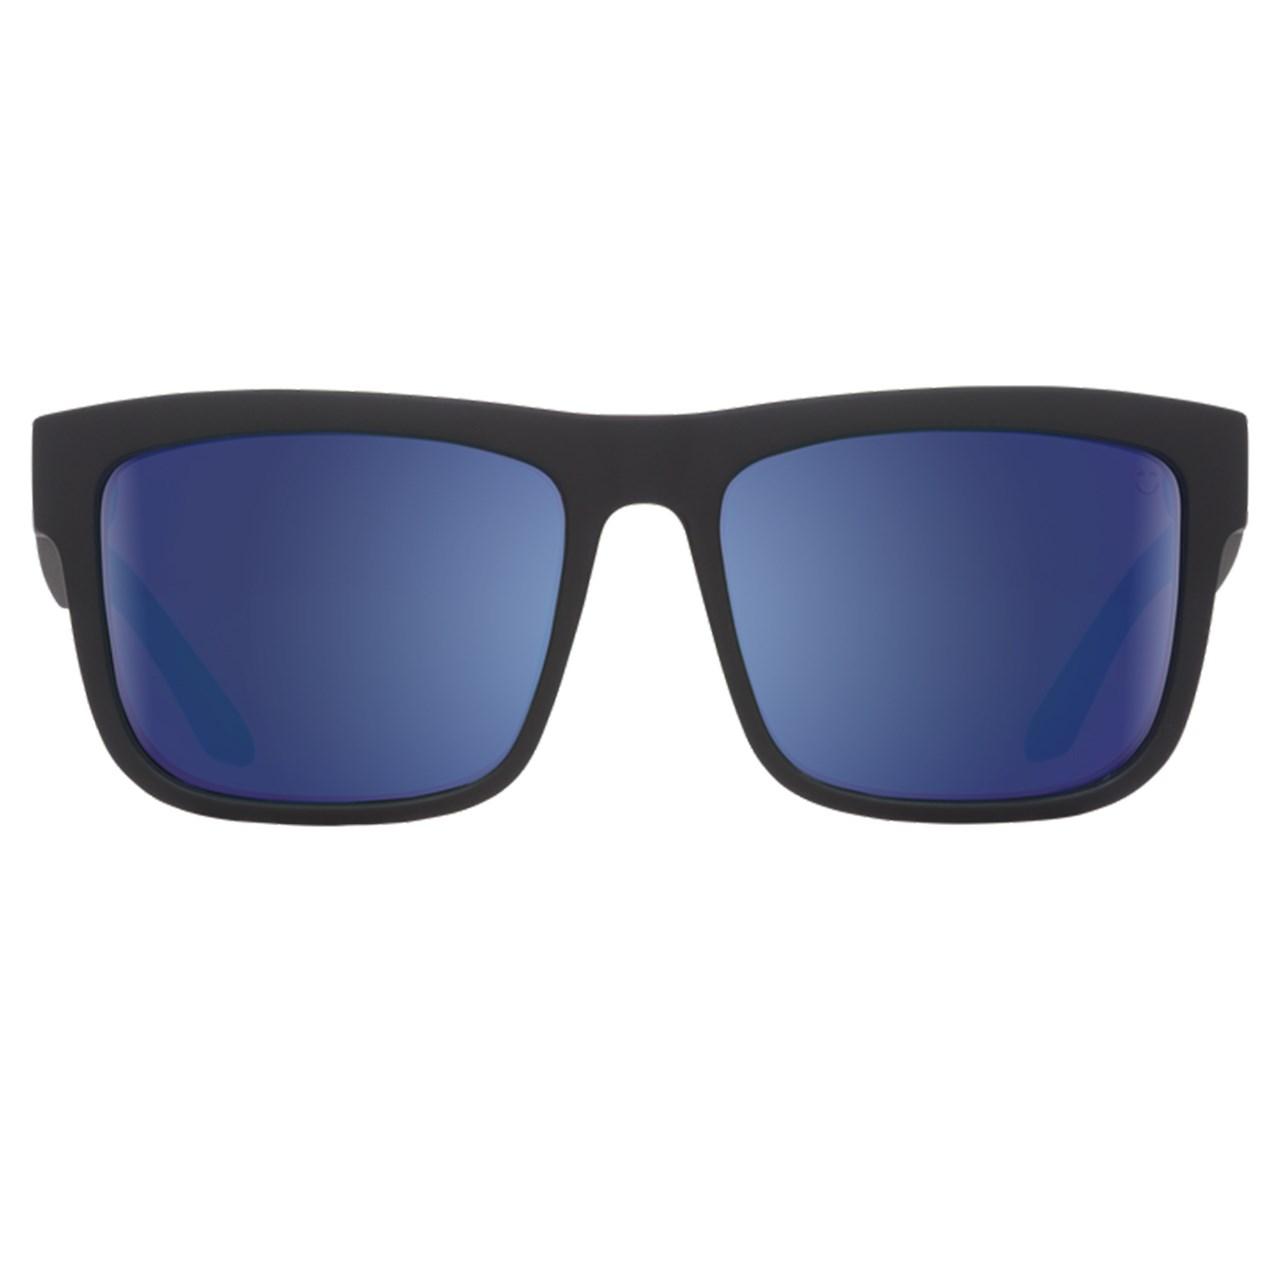 عینک آفتابی اسپای سری Discord مدل Matte Back Happy Bronze Polar Blue Spectra -  - 1